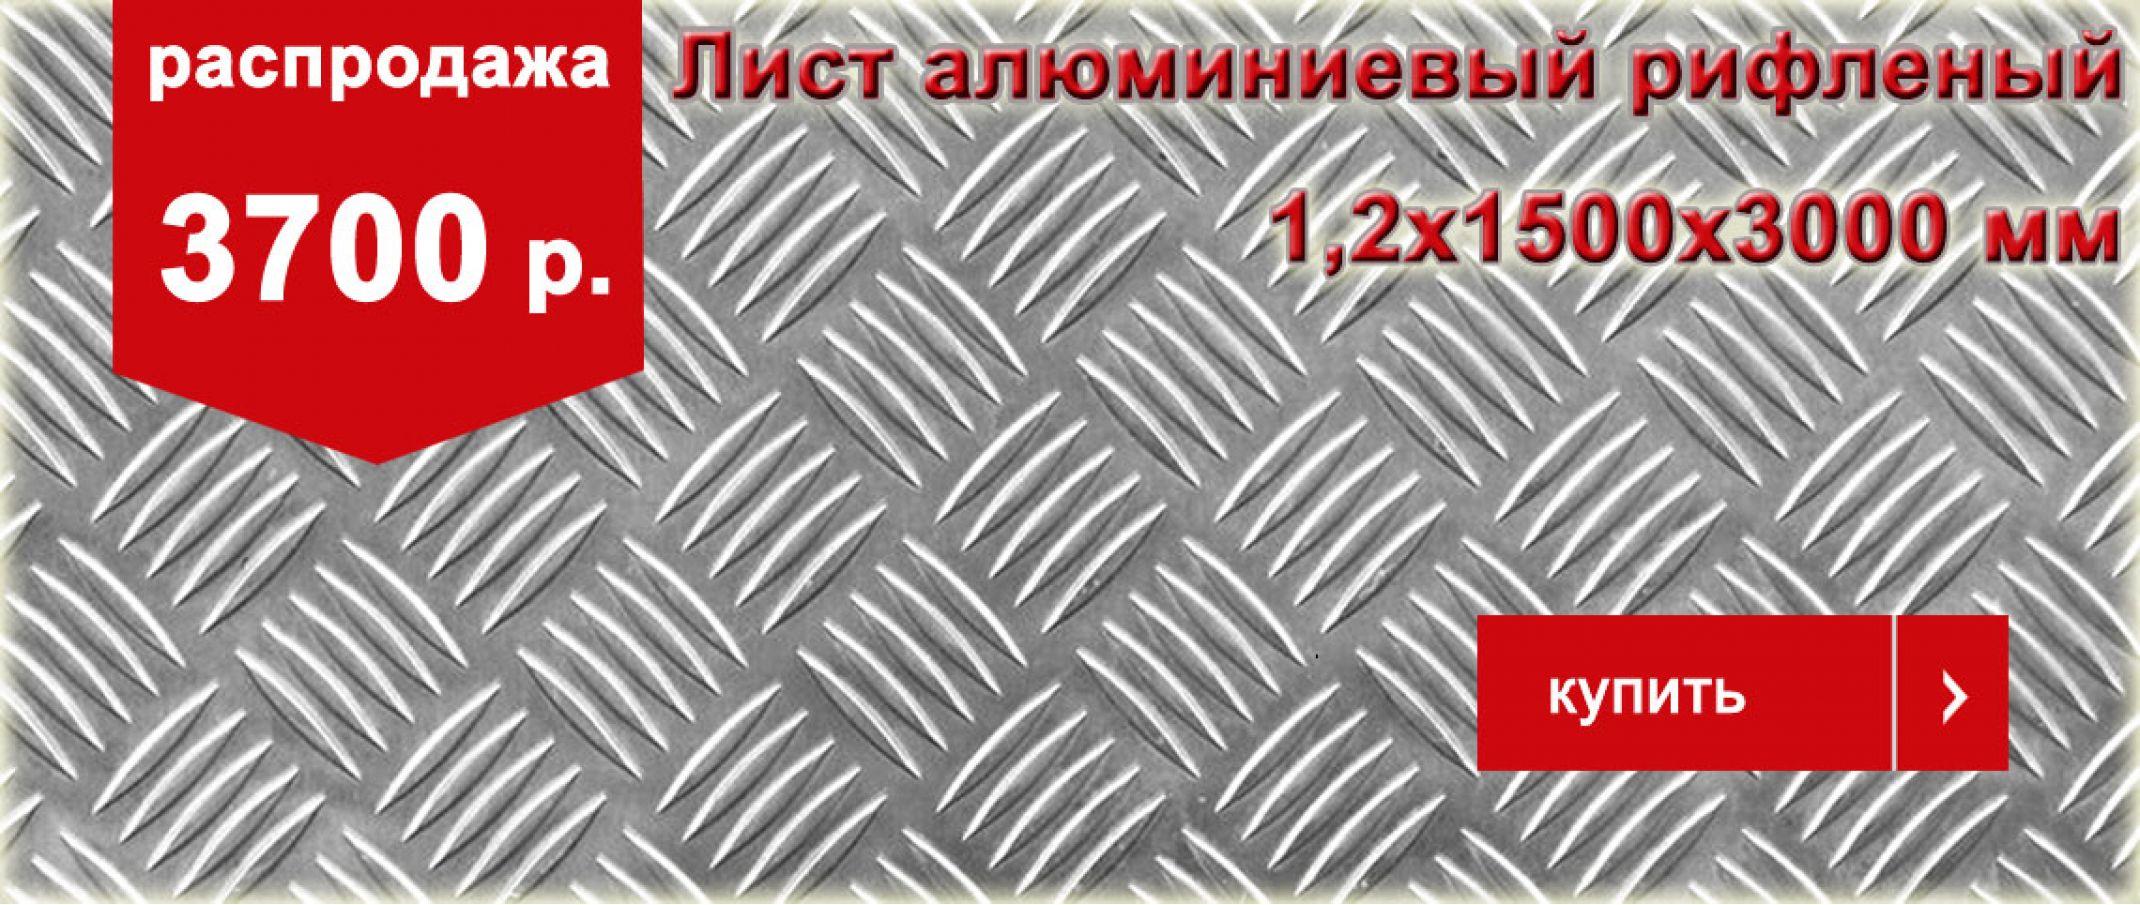 Лист алюминиевый рифленый 1,2х1500х3000